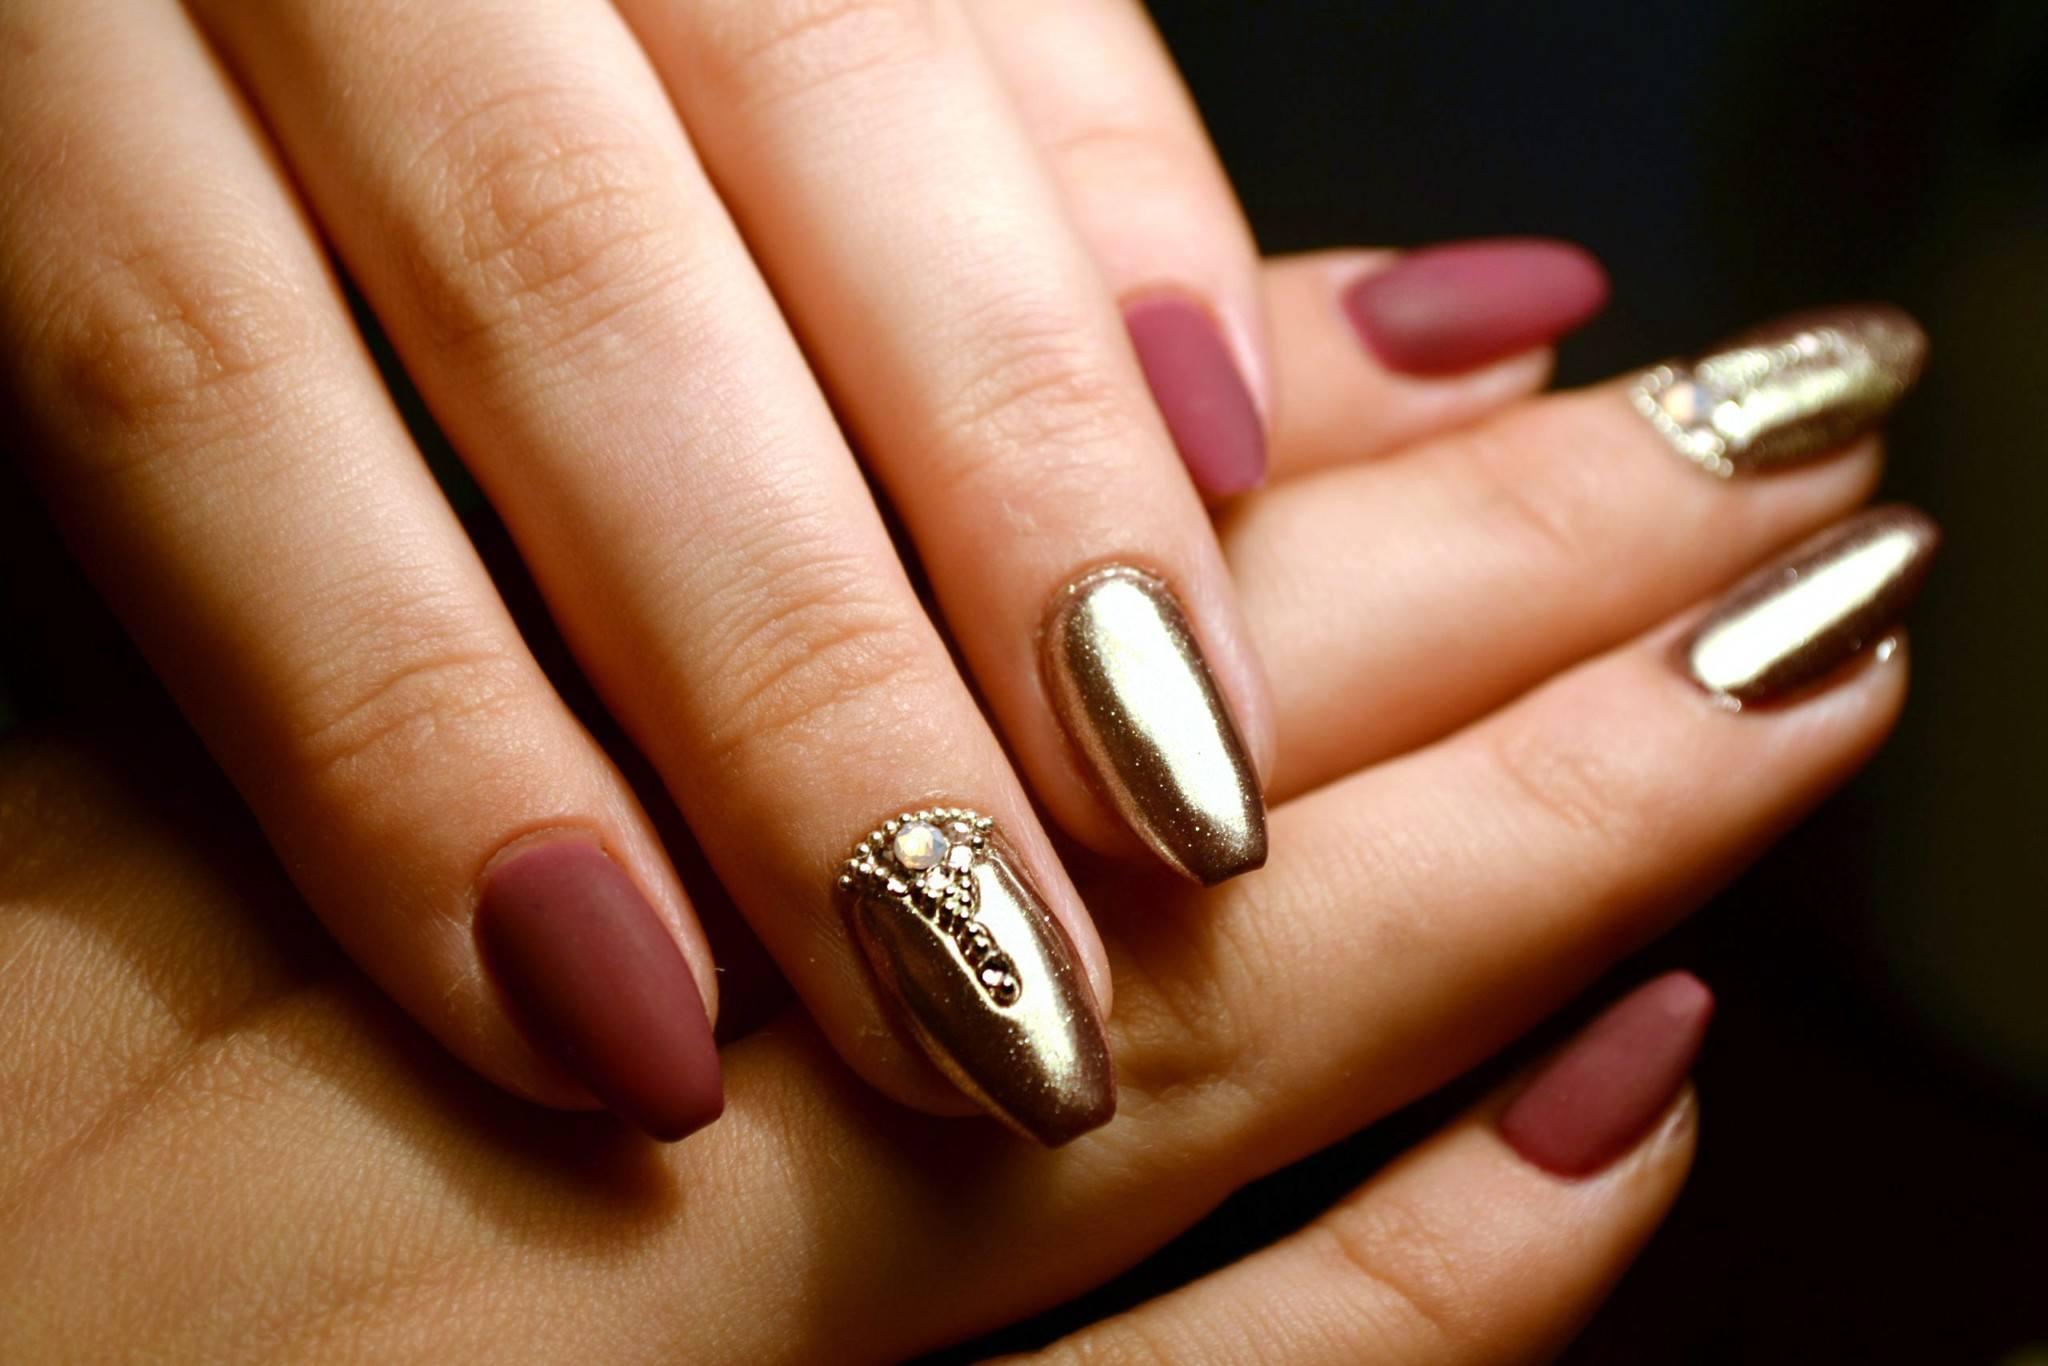 металлические кольца, дизайн ногтей втирка зеркальной пыли фото золотой что боевую раскраску